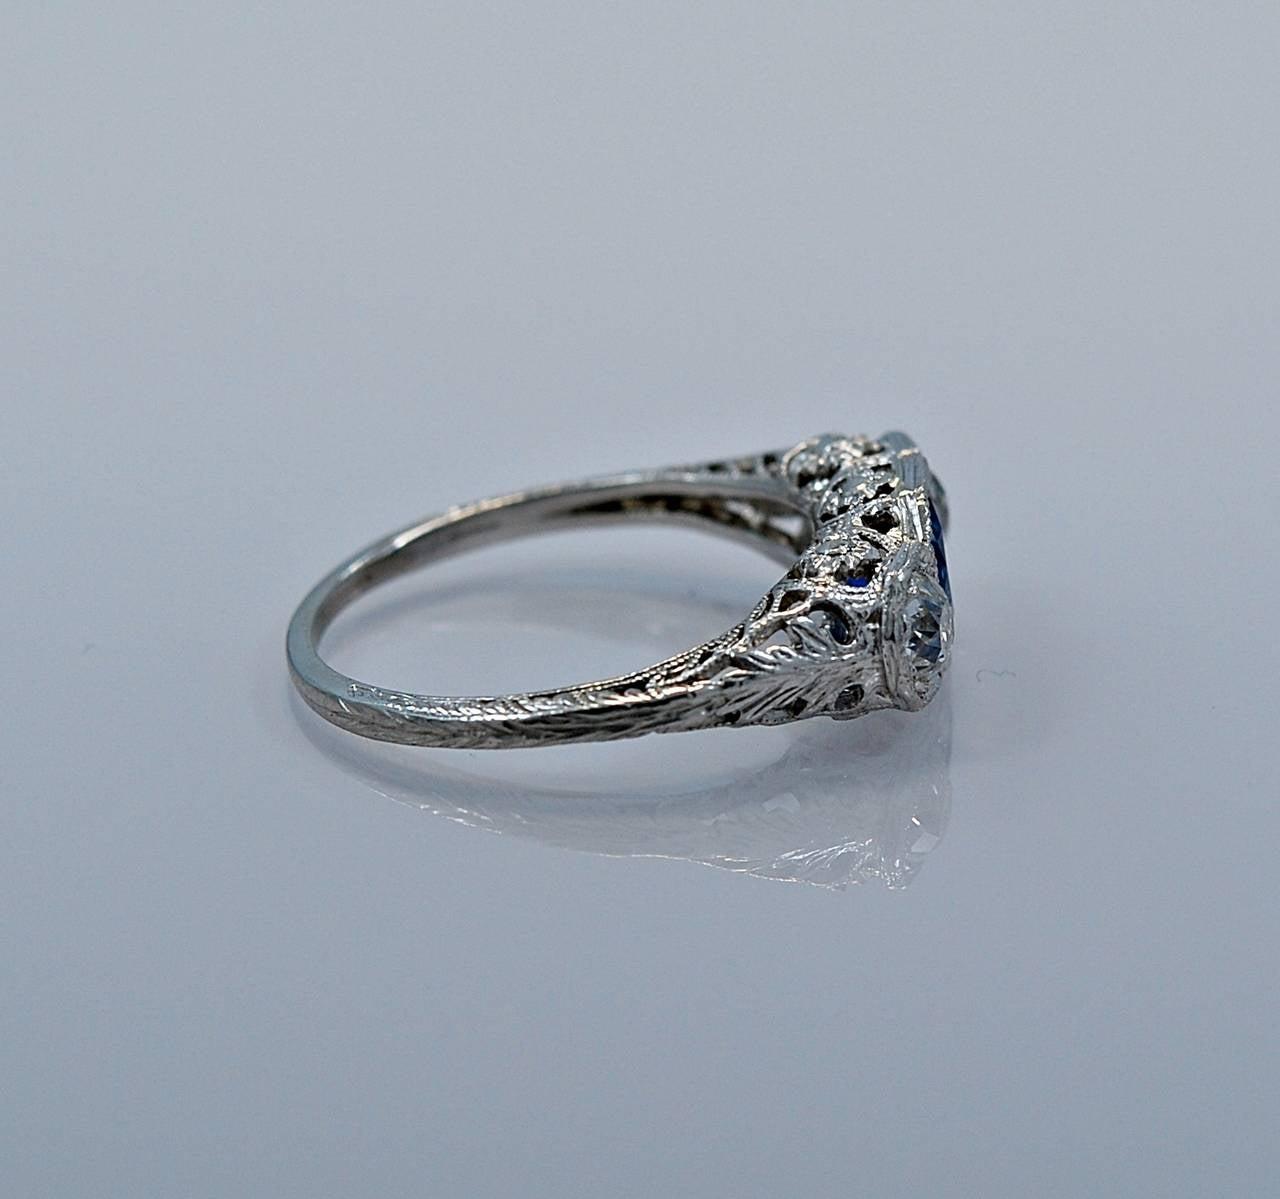 Natural Wedding Rings 003 - Natural Wedding Rings